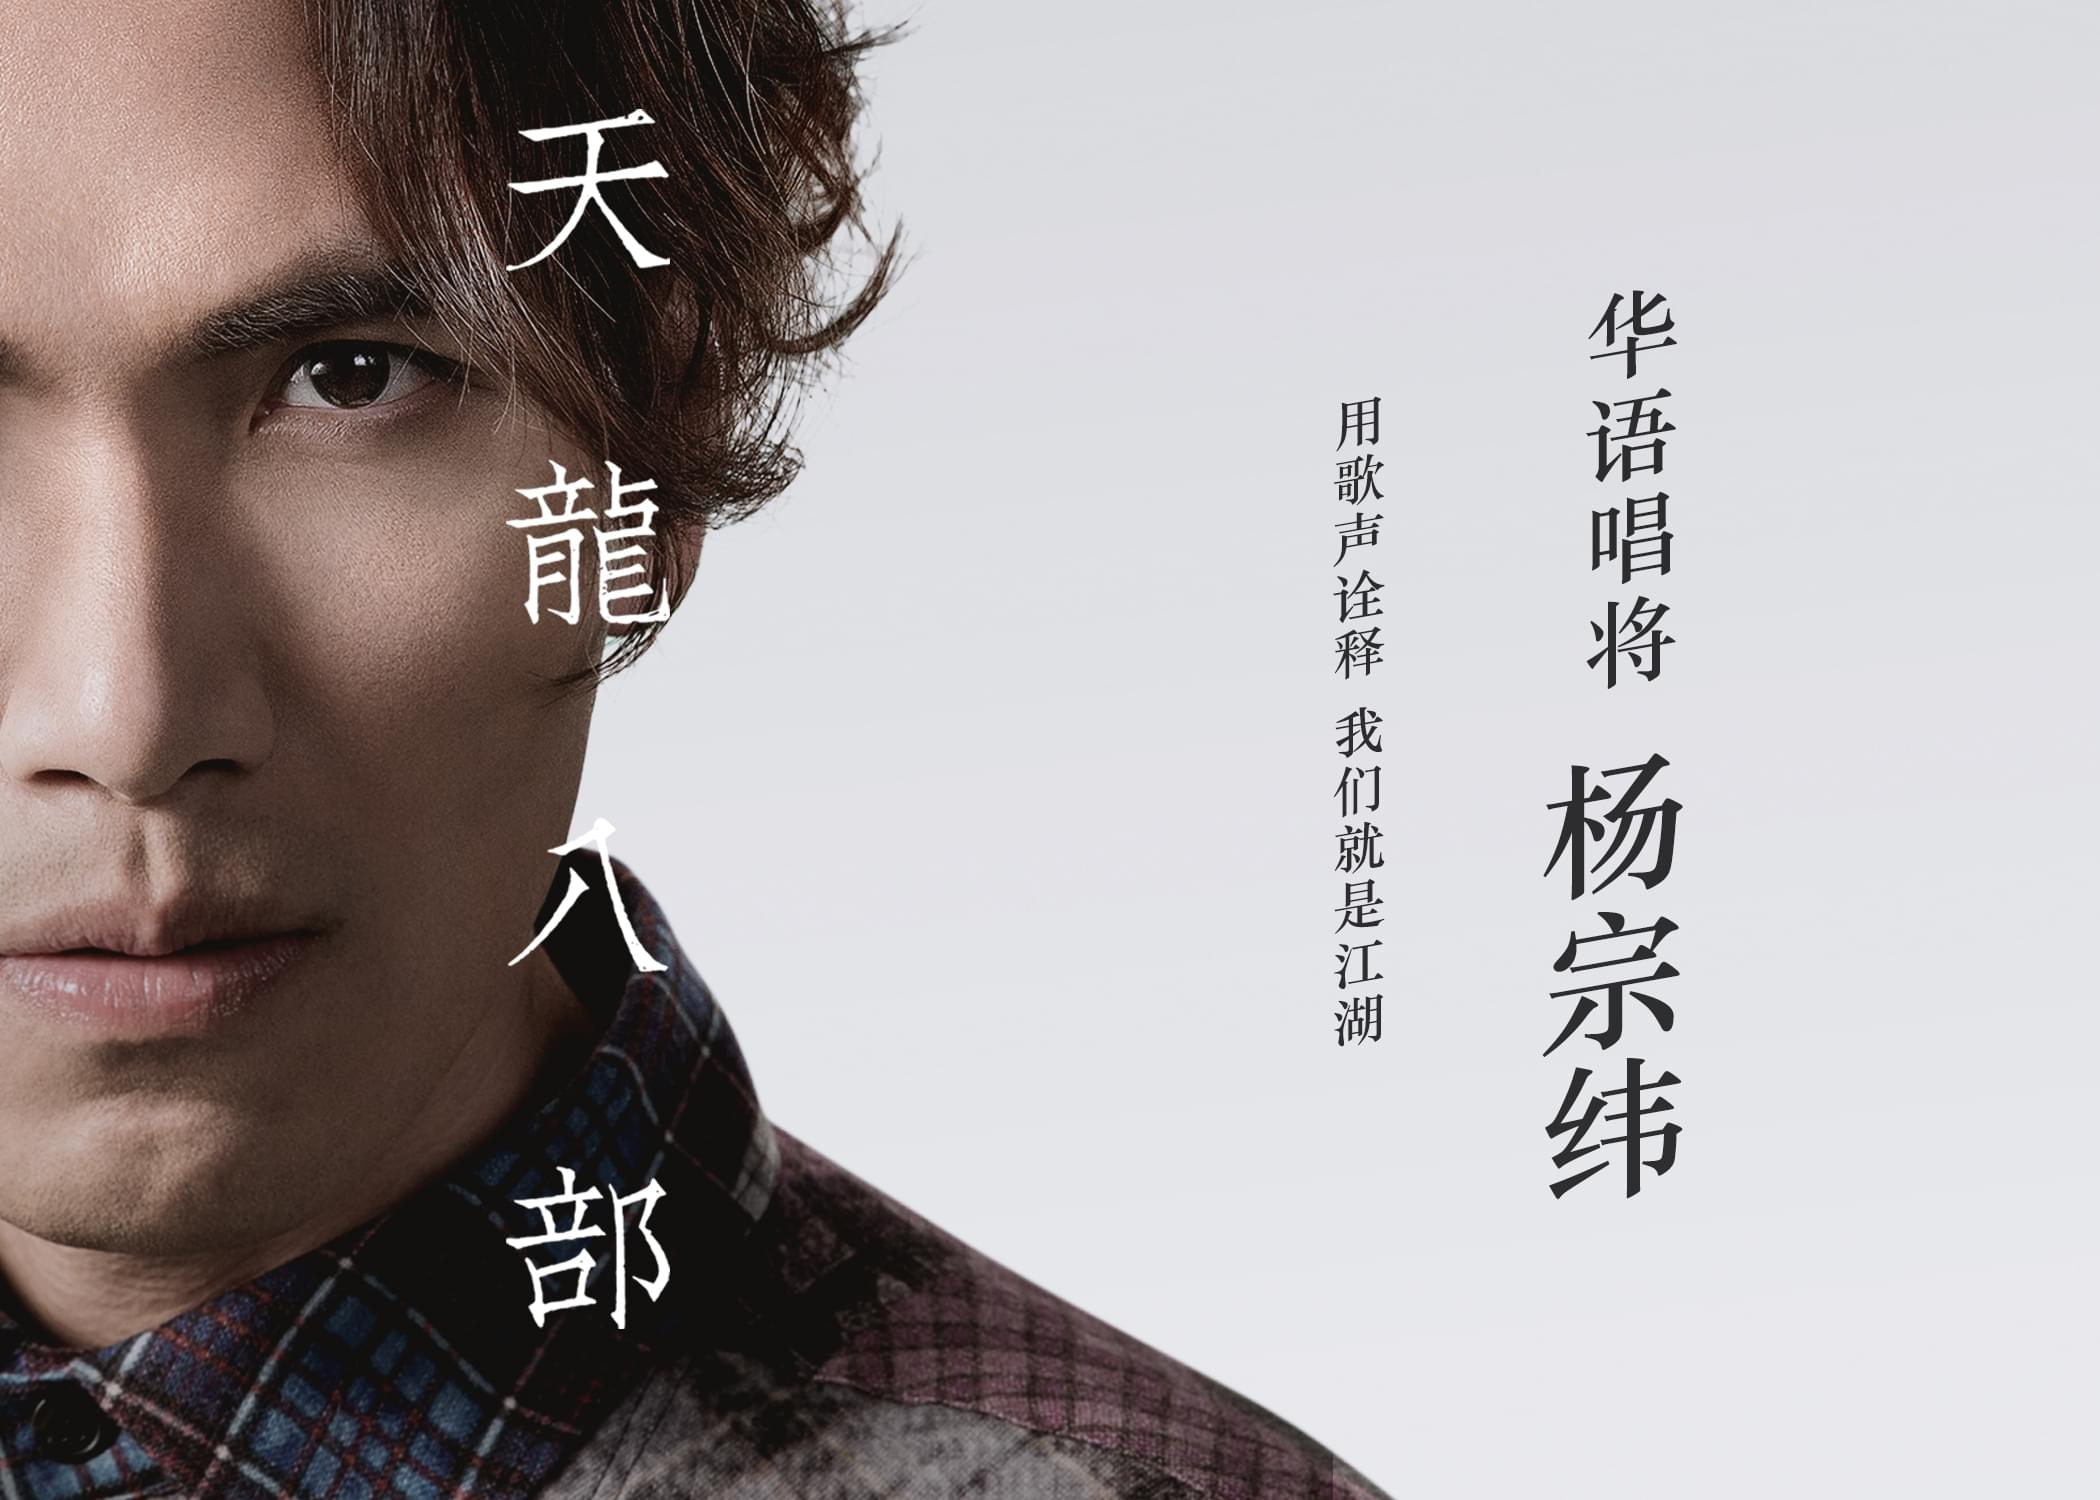 杨宗纬新歌《天龙八部》首发 重新演绎经典